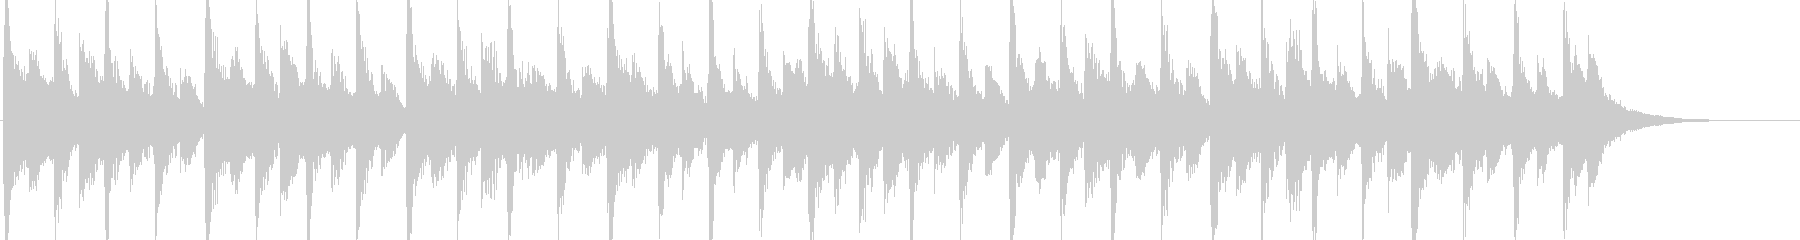 80年代のポップロック調のジングルの未再生の波形